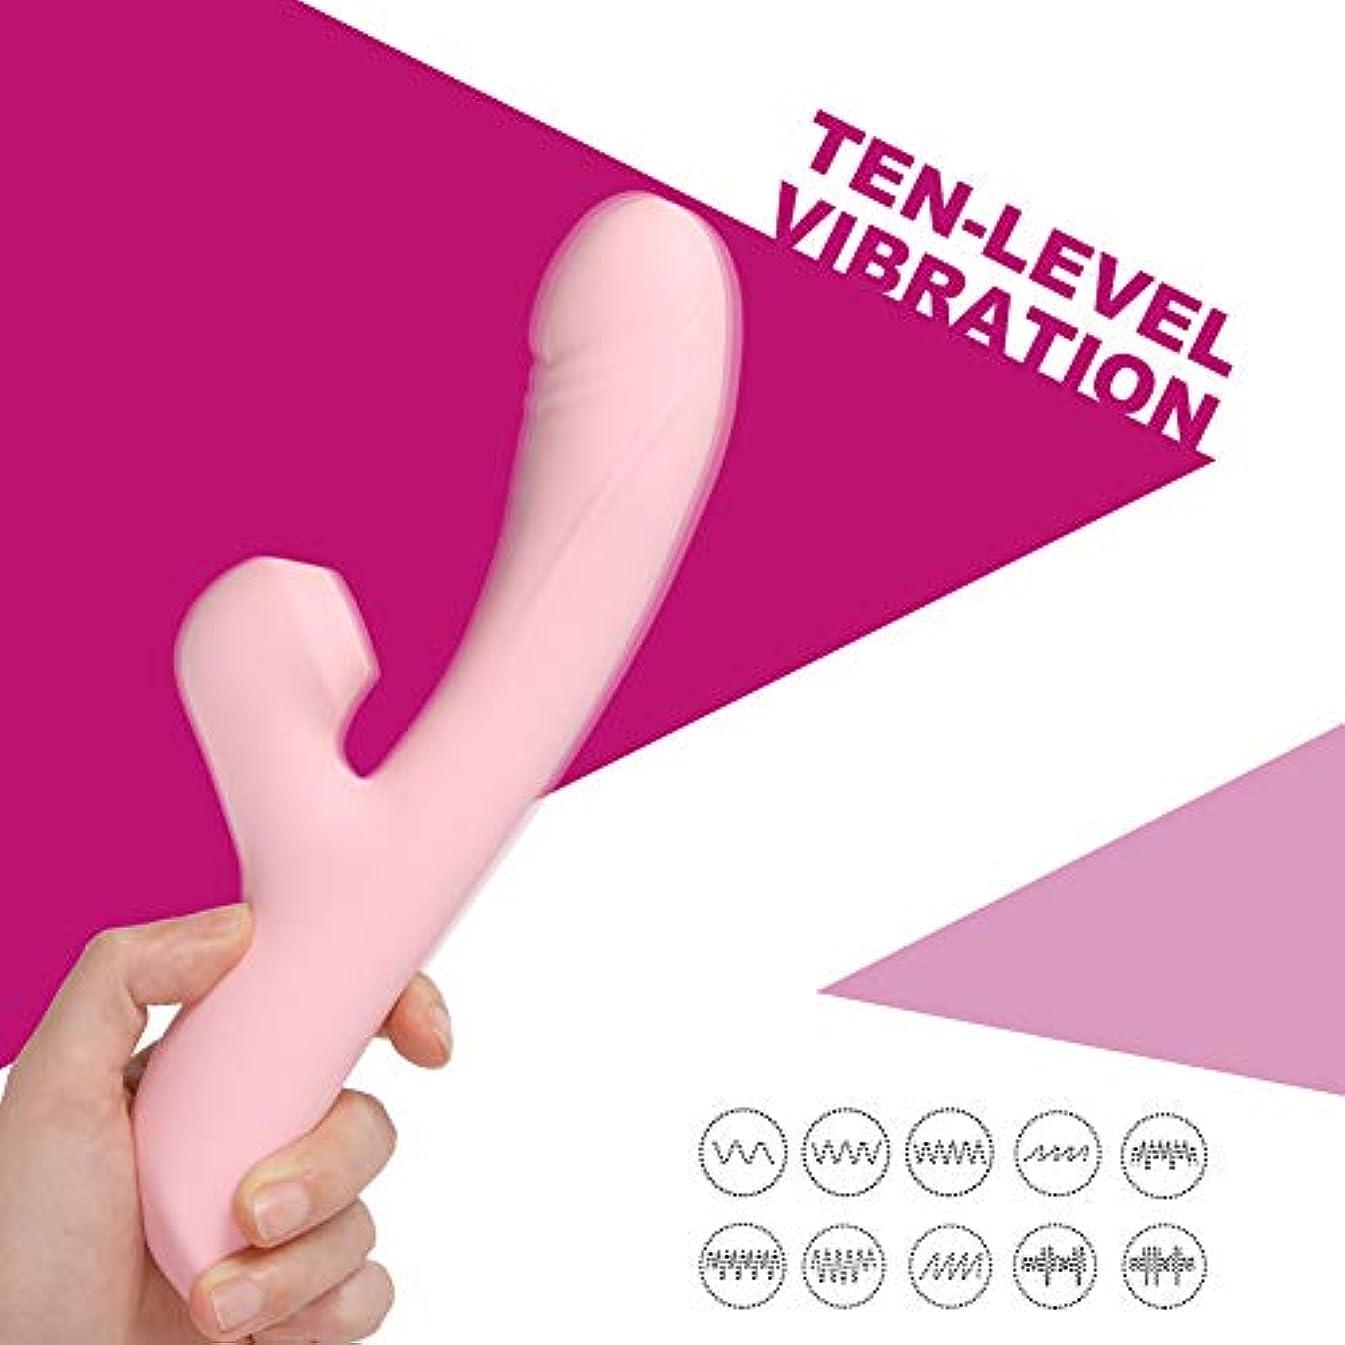 忌み嫌う恵みプランテーションボディ 人気 バイブレーター 加熱機能 潮吹き 女性 Gスポット 女性マッサージ器 アダルトグッズ (ピンク色)